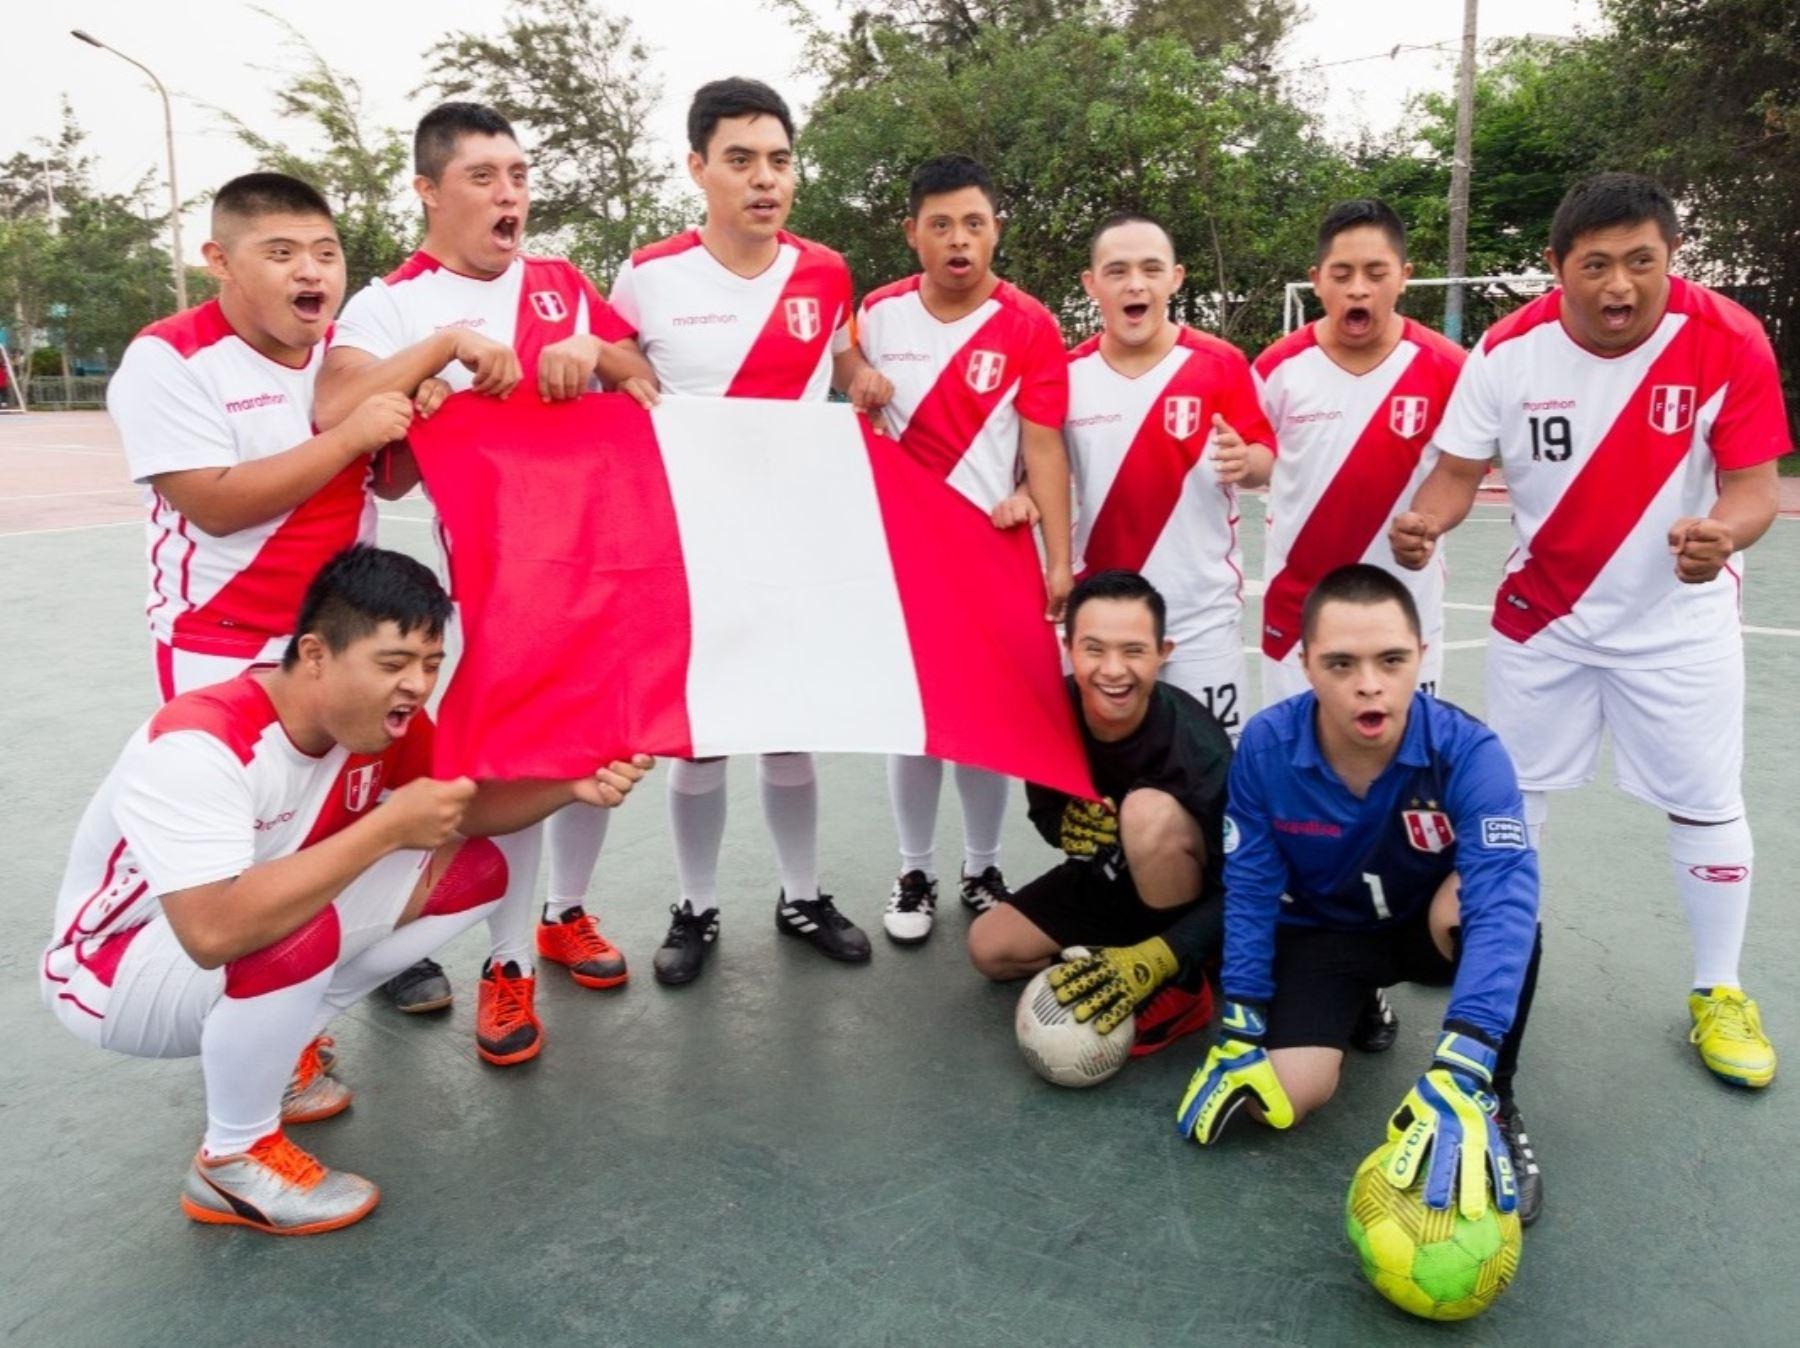 """El equipo nacional de futsal """"Empate FC - Colectivo 21"""", competirá en los Trisome Games 2020 de Turquía."""